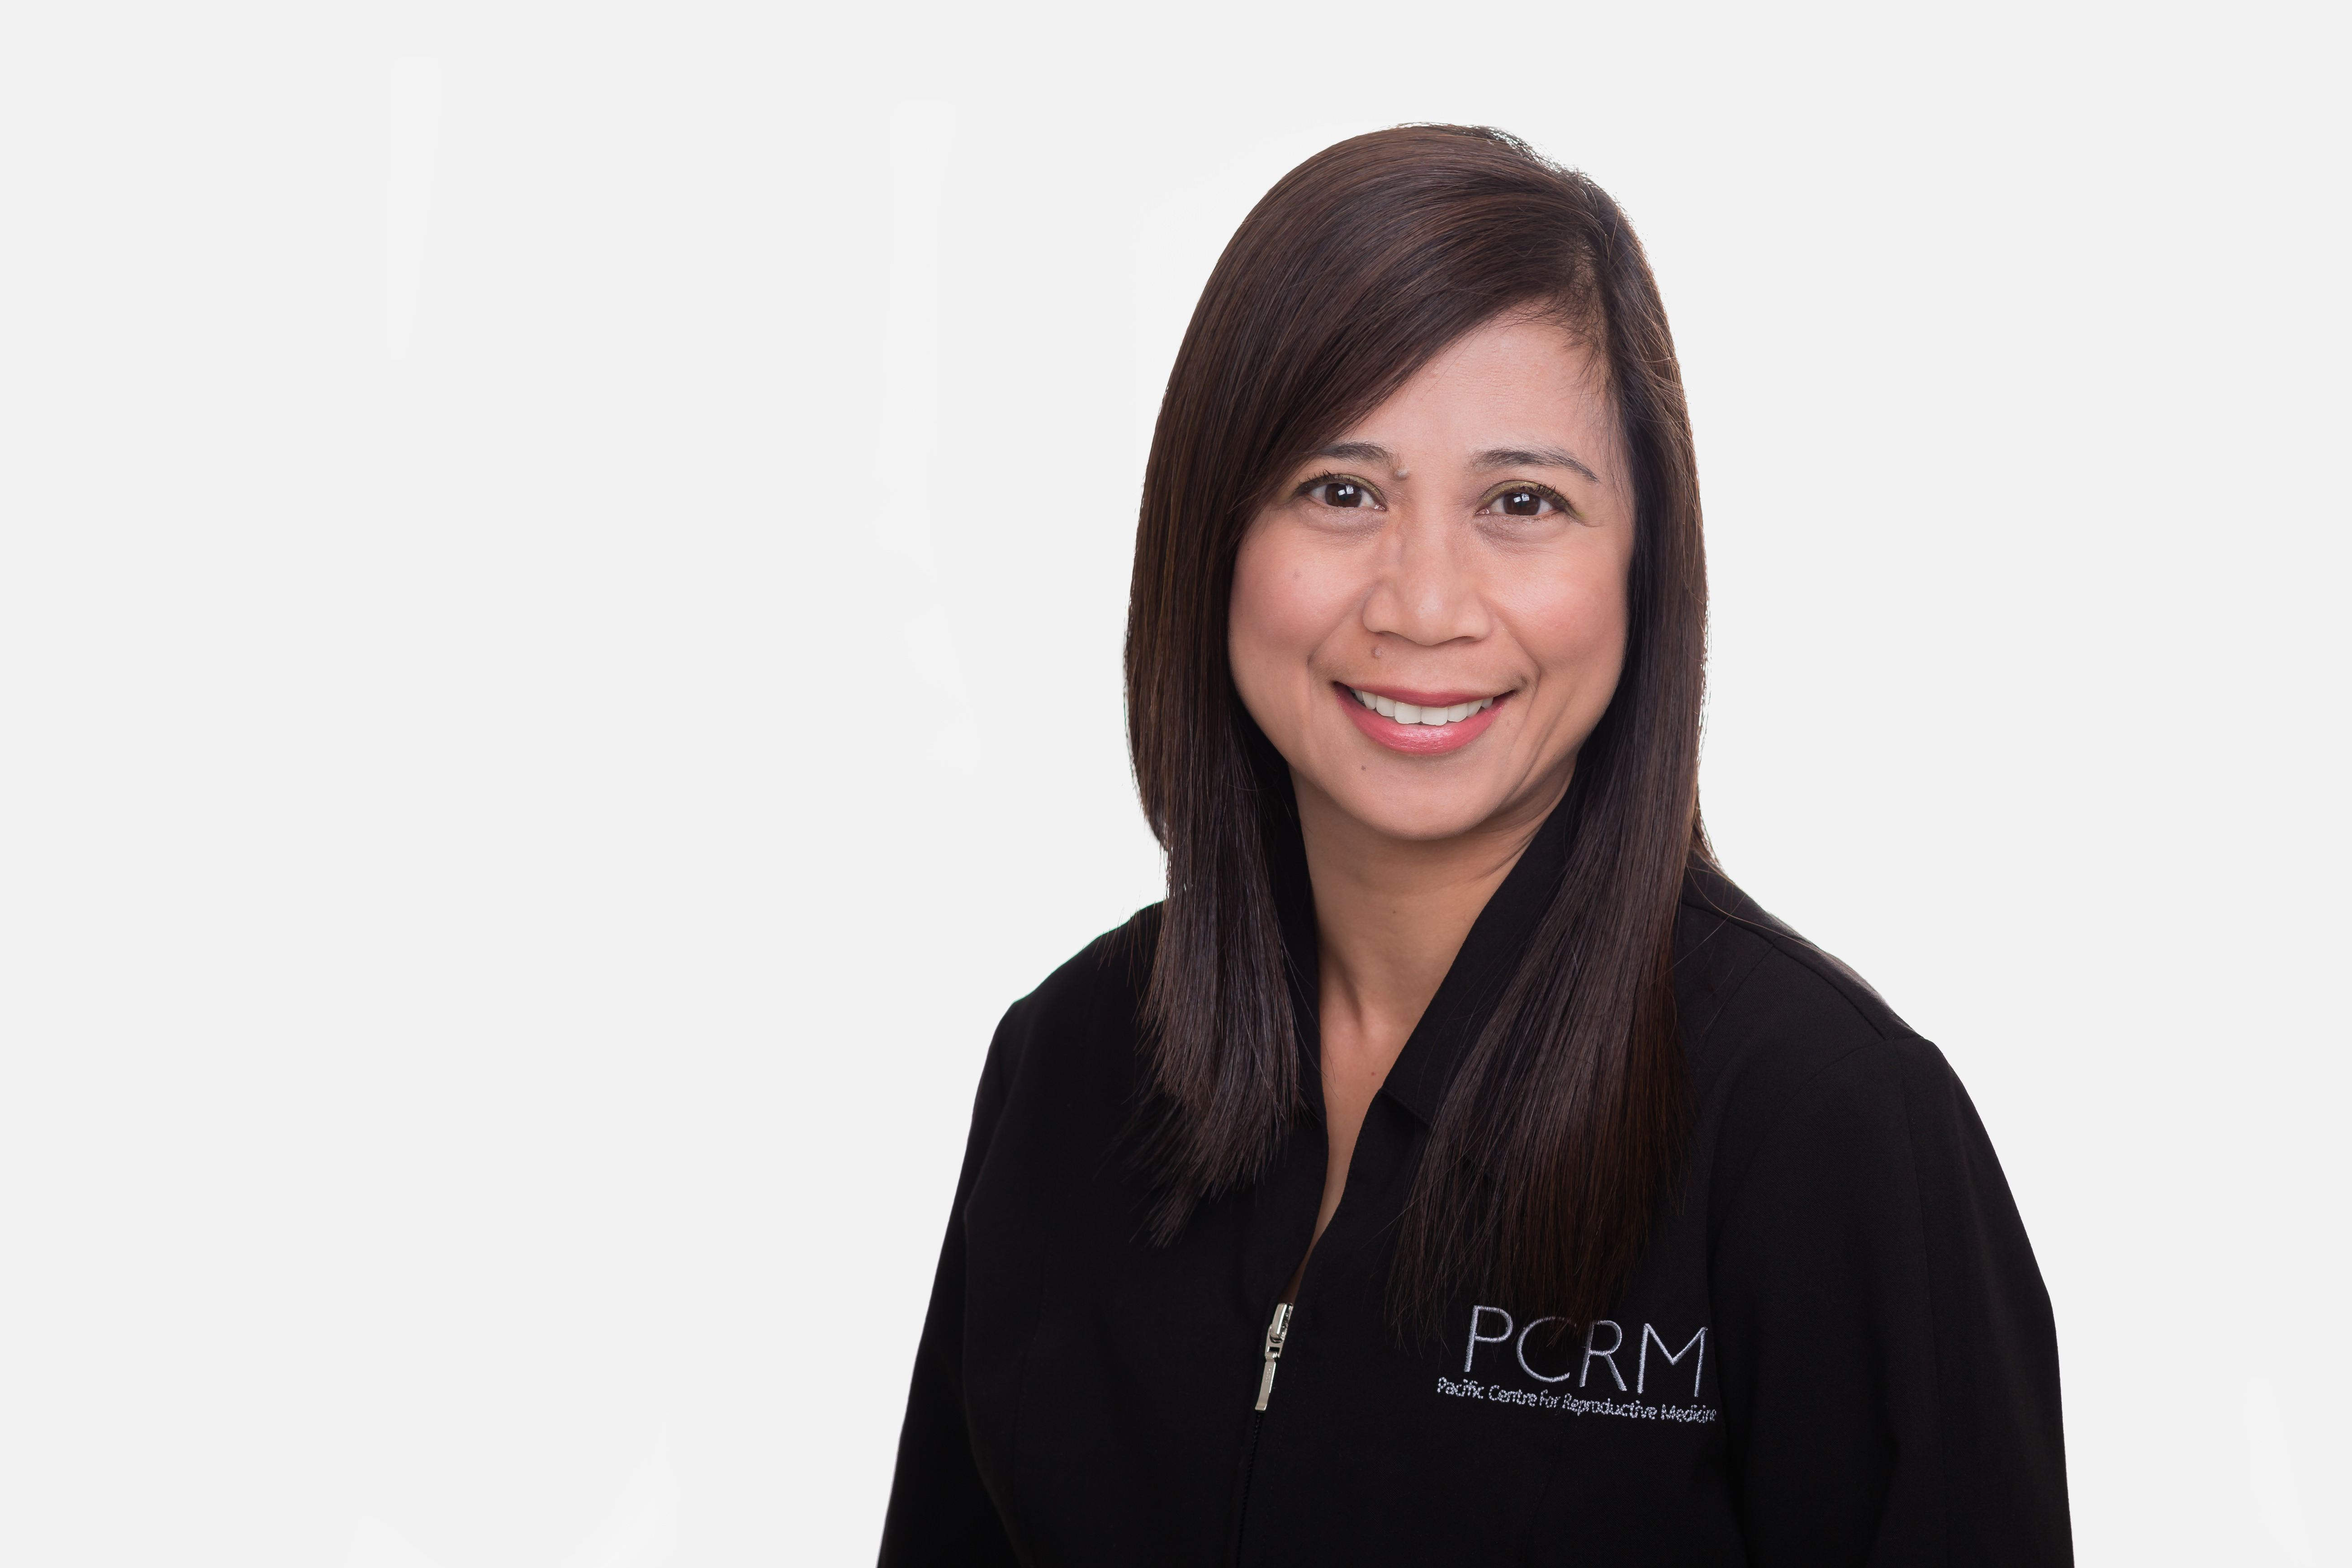 PCRM's fertility nurse, Melissa